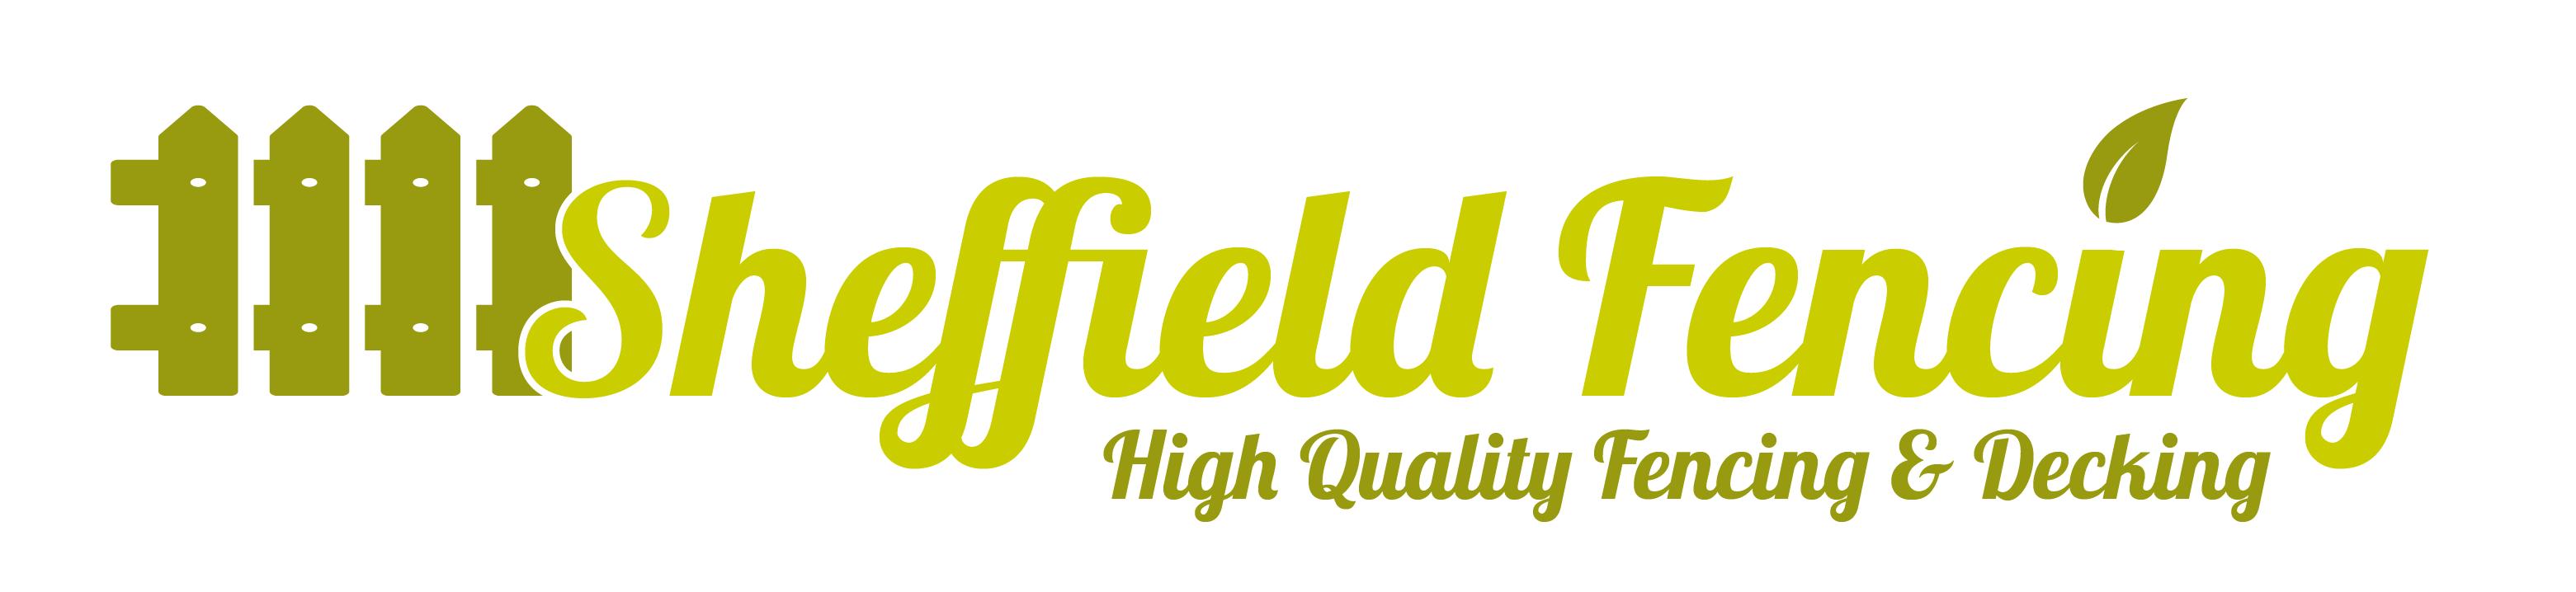 Sheffield Fencing Logo